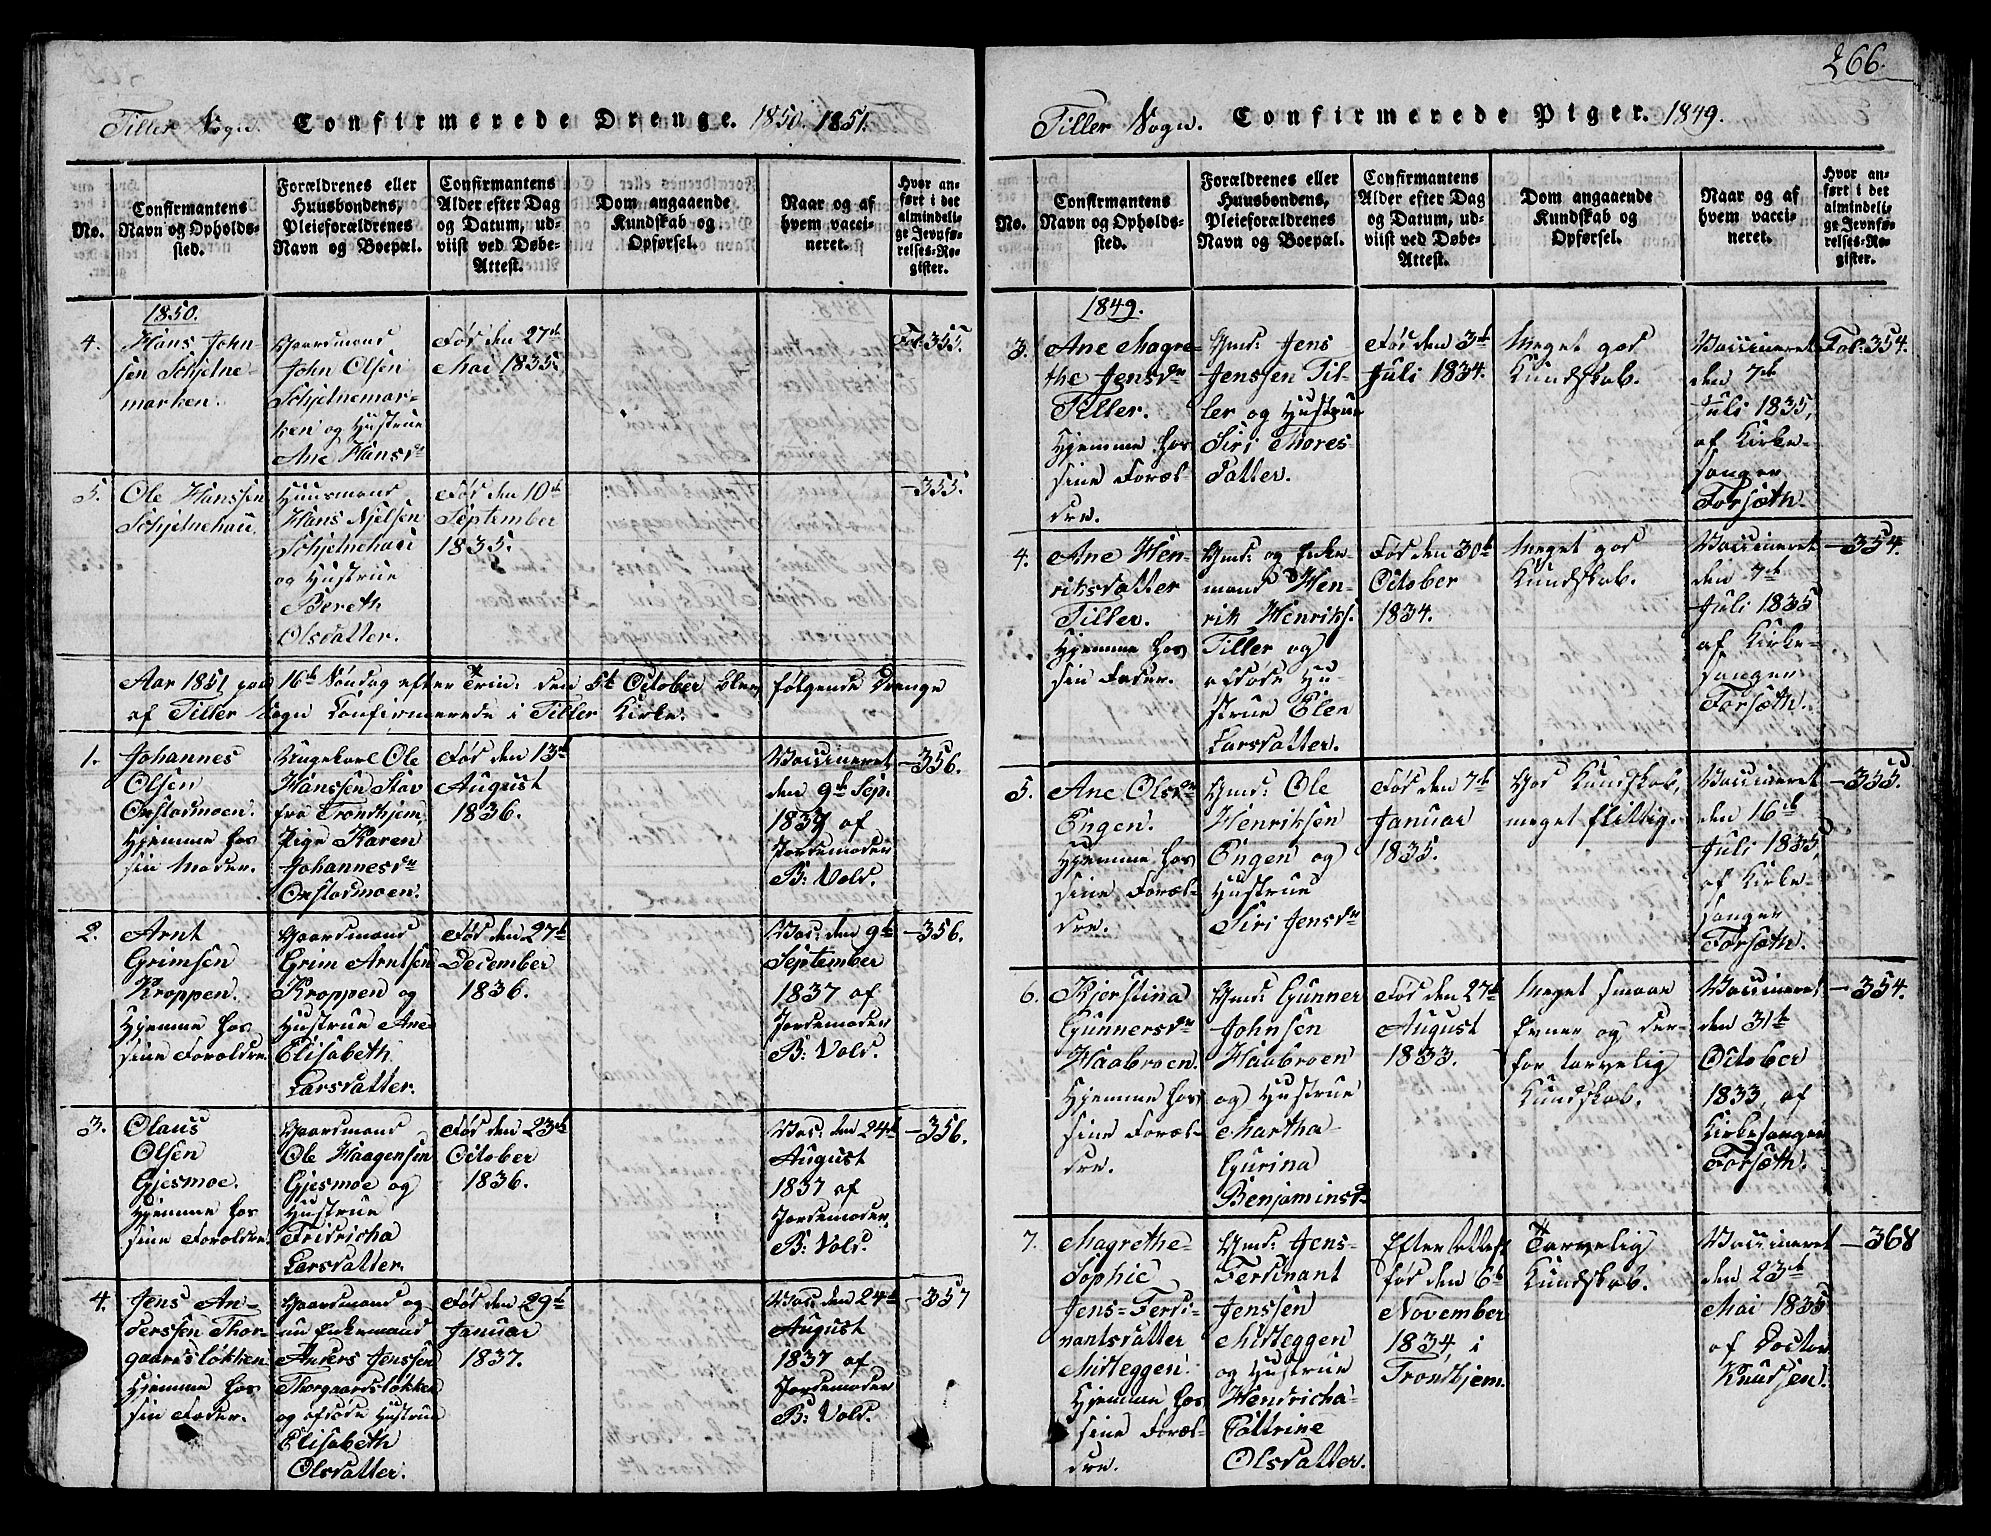 SAT, Ministerialprotokoller, klokkerbøker og fødselsregistre - Sør-Trøndelag, 621/L0458: Klokkerbok nr. 621C01, 1816-1865, s. 266